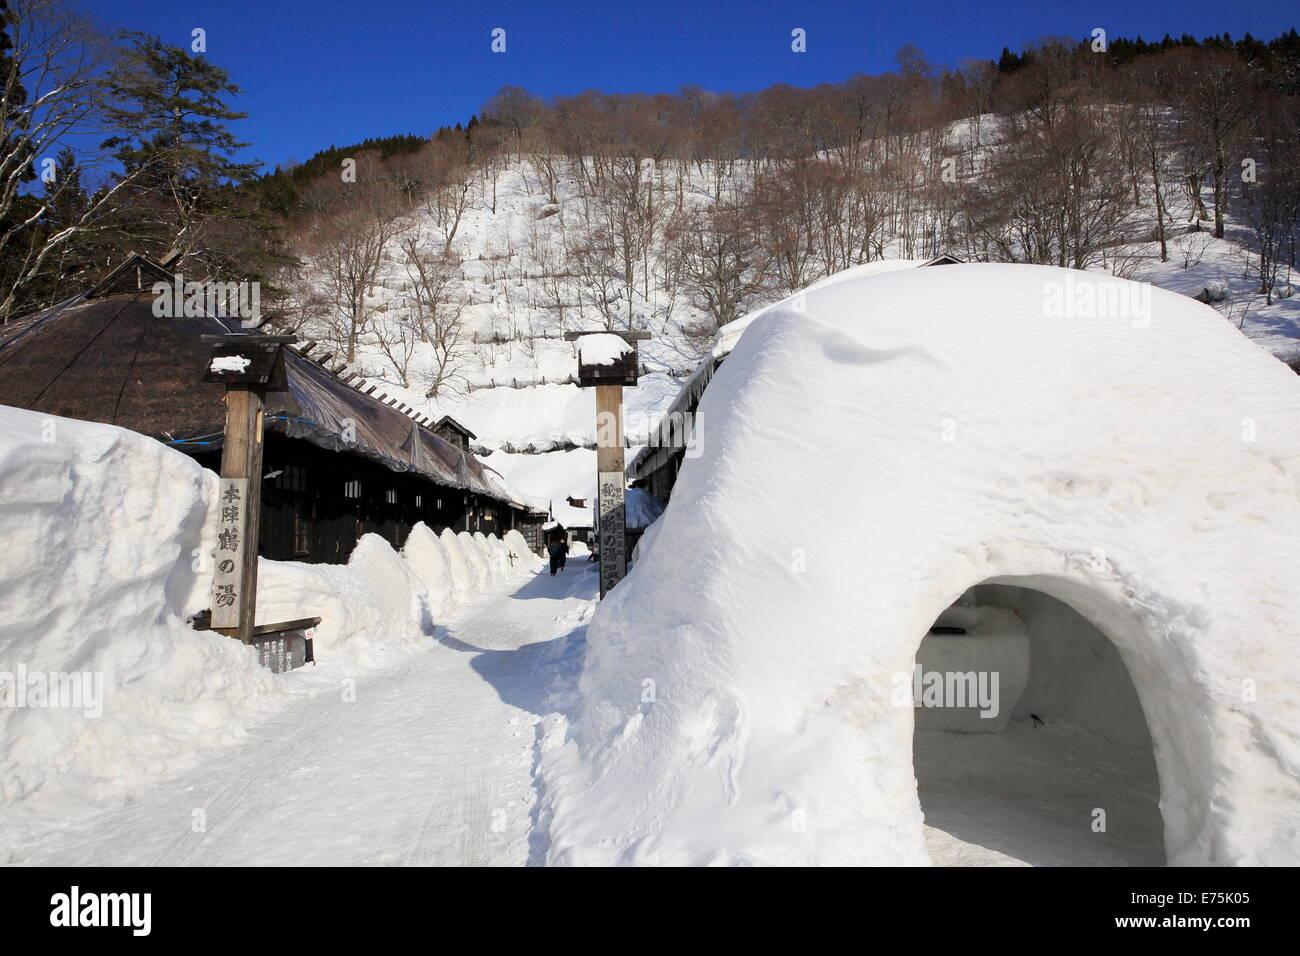 Season of winter Tsurunoyu hot spring - Stock Image